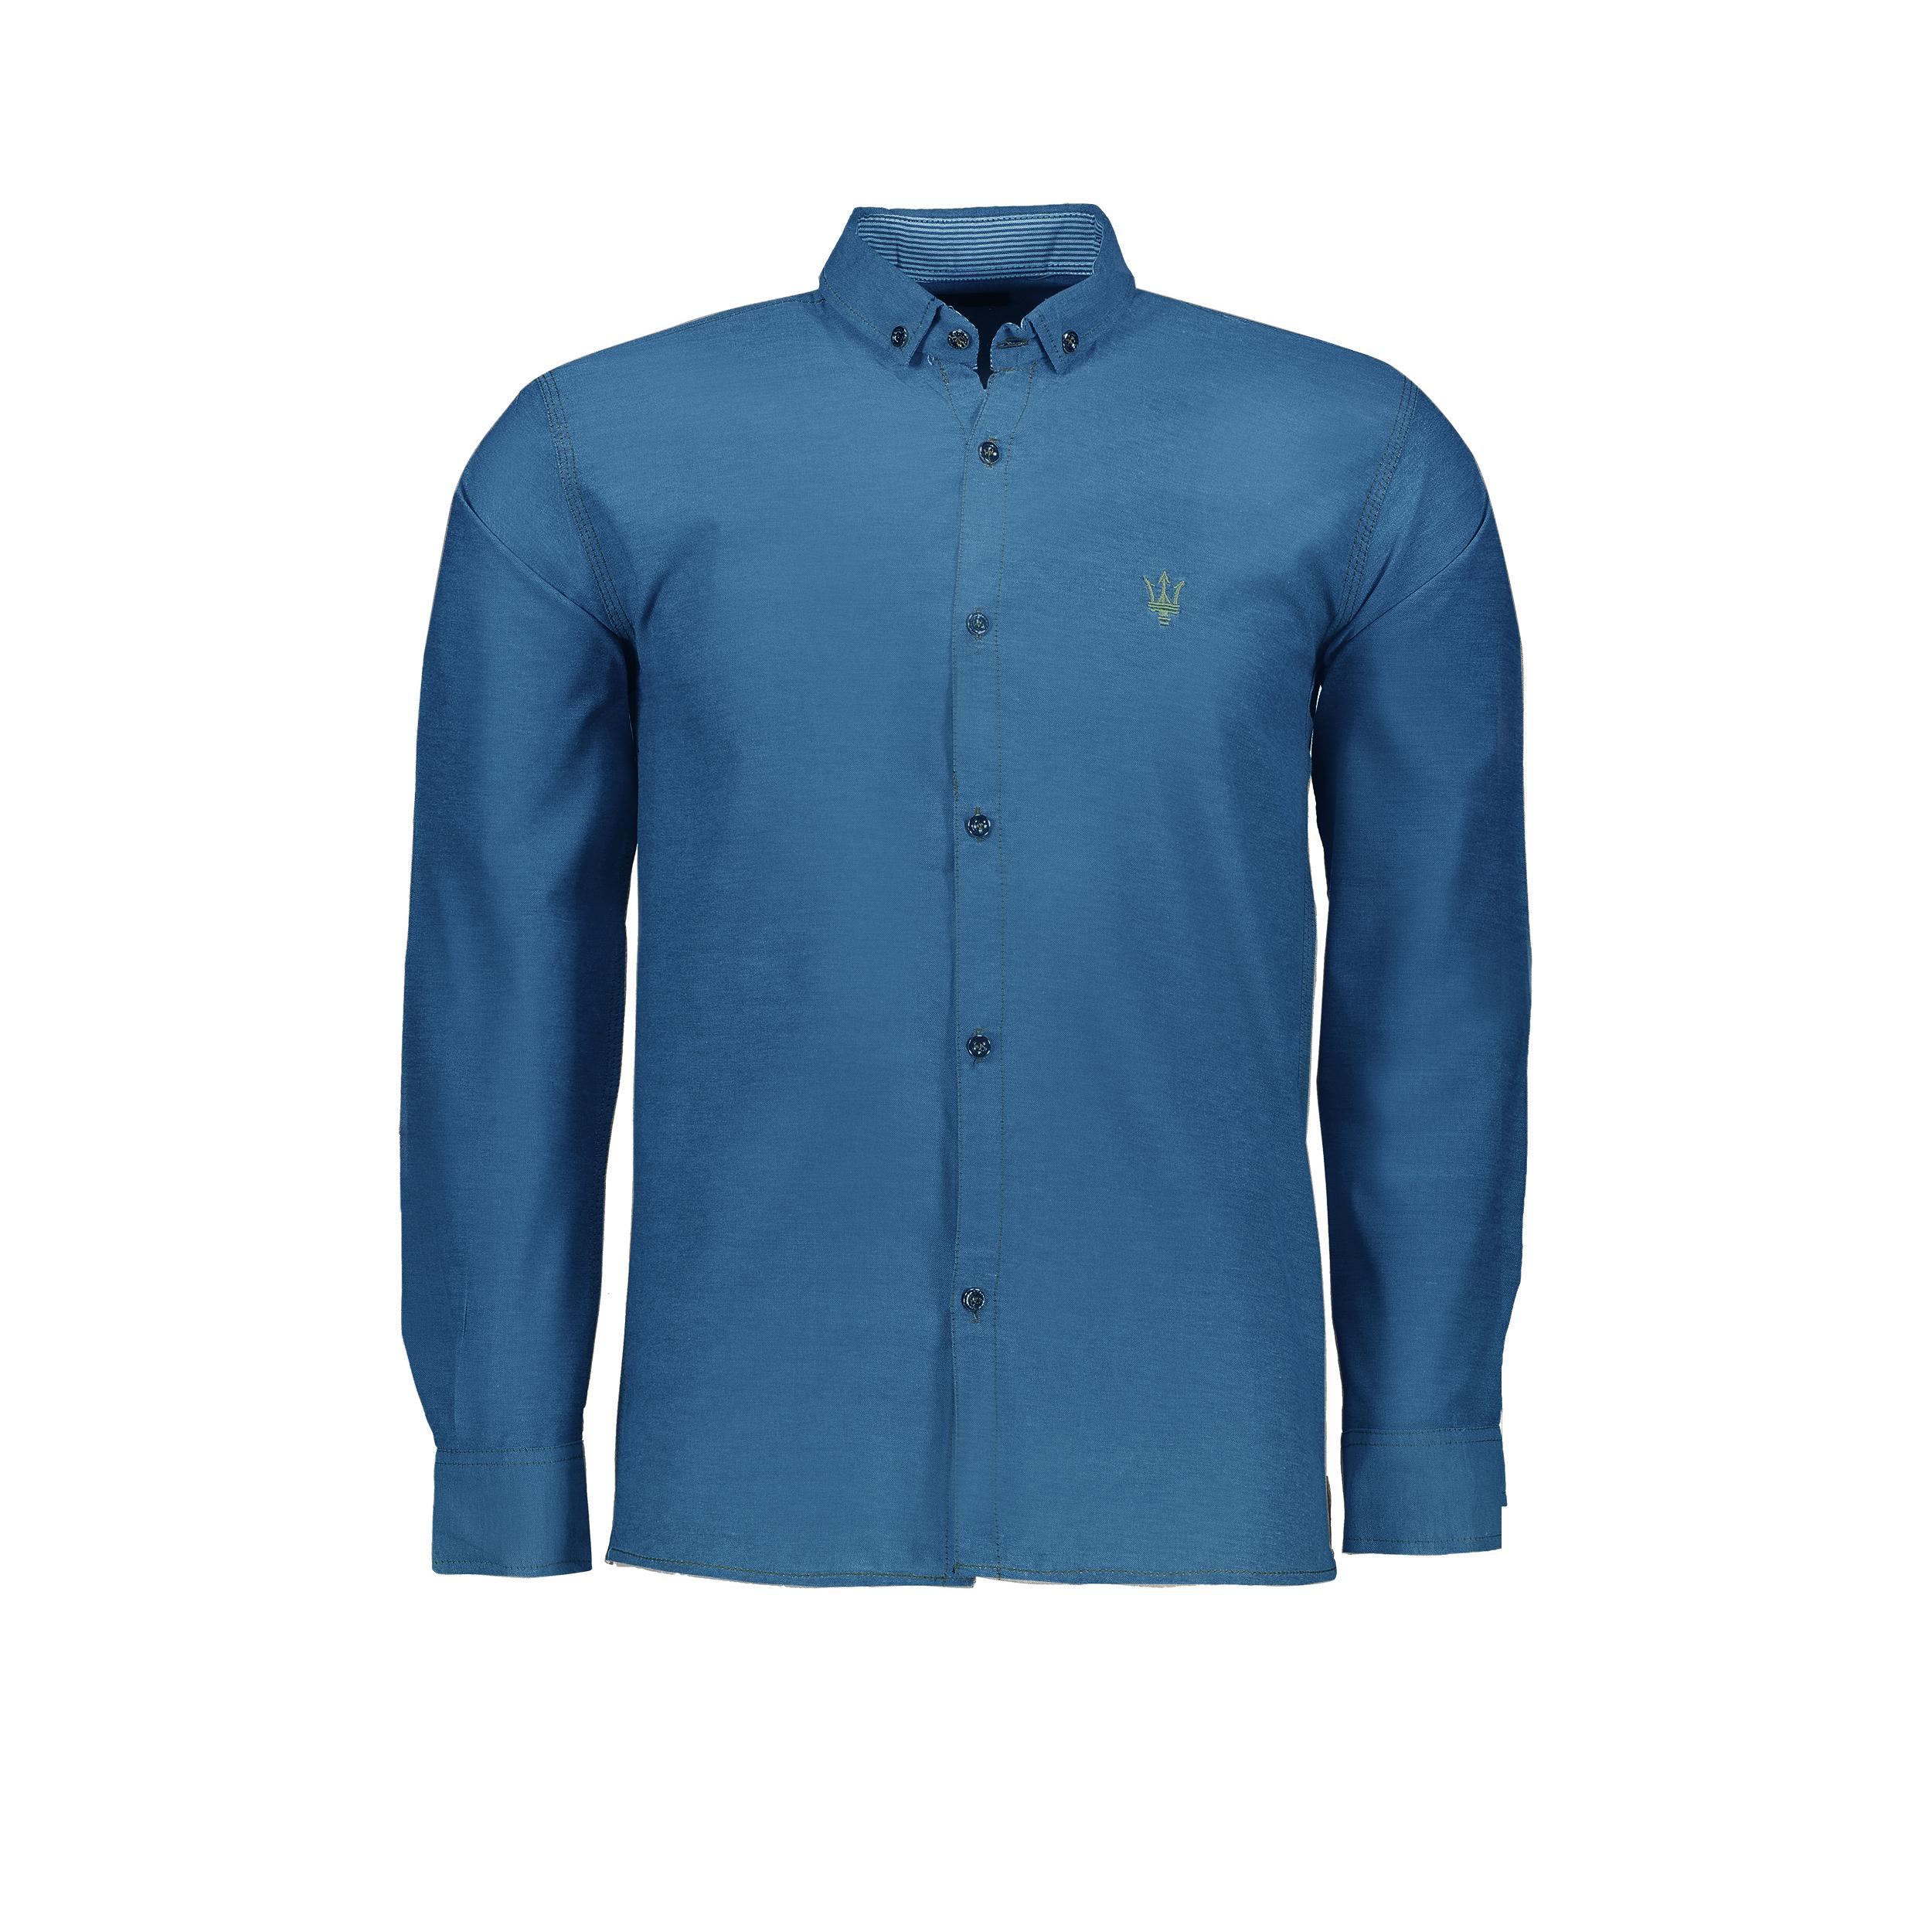 پیراهن مردانه کد p10-6